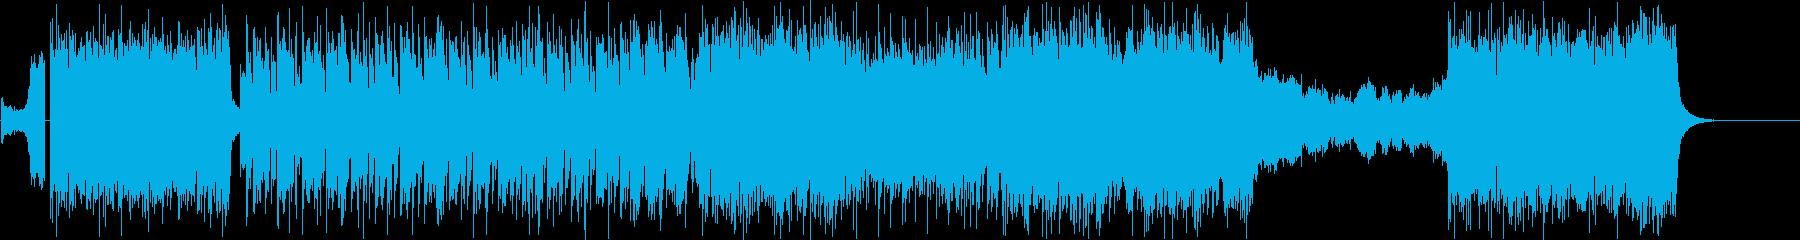 メタルの再生済みの波形